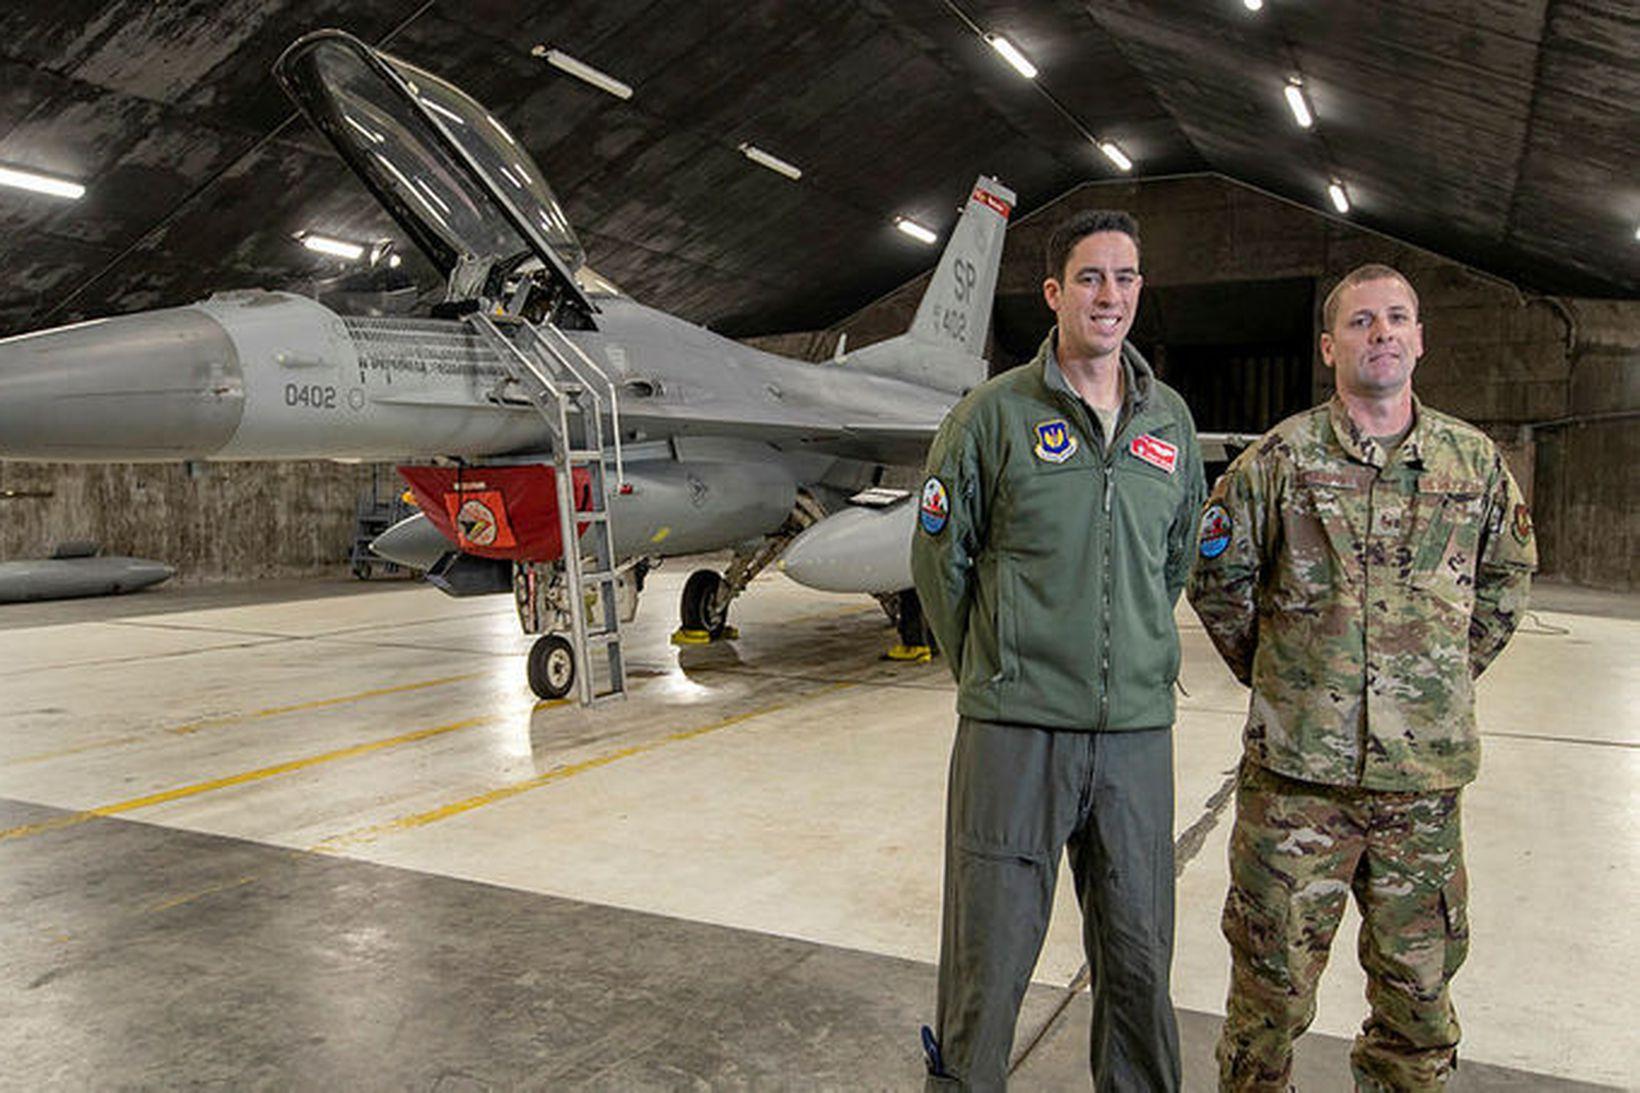 Dominic Collins og Michael Abernathy við eina F-16 þotu af …